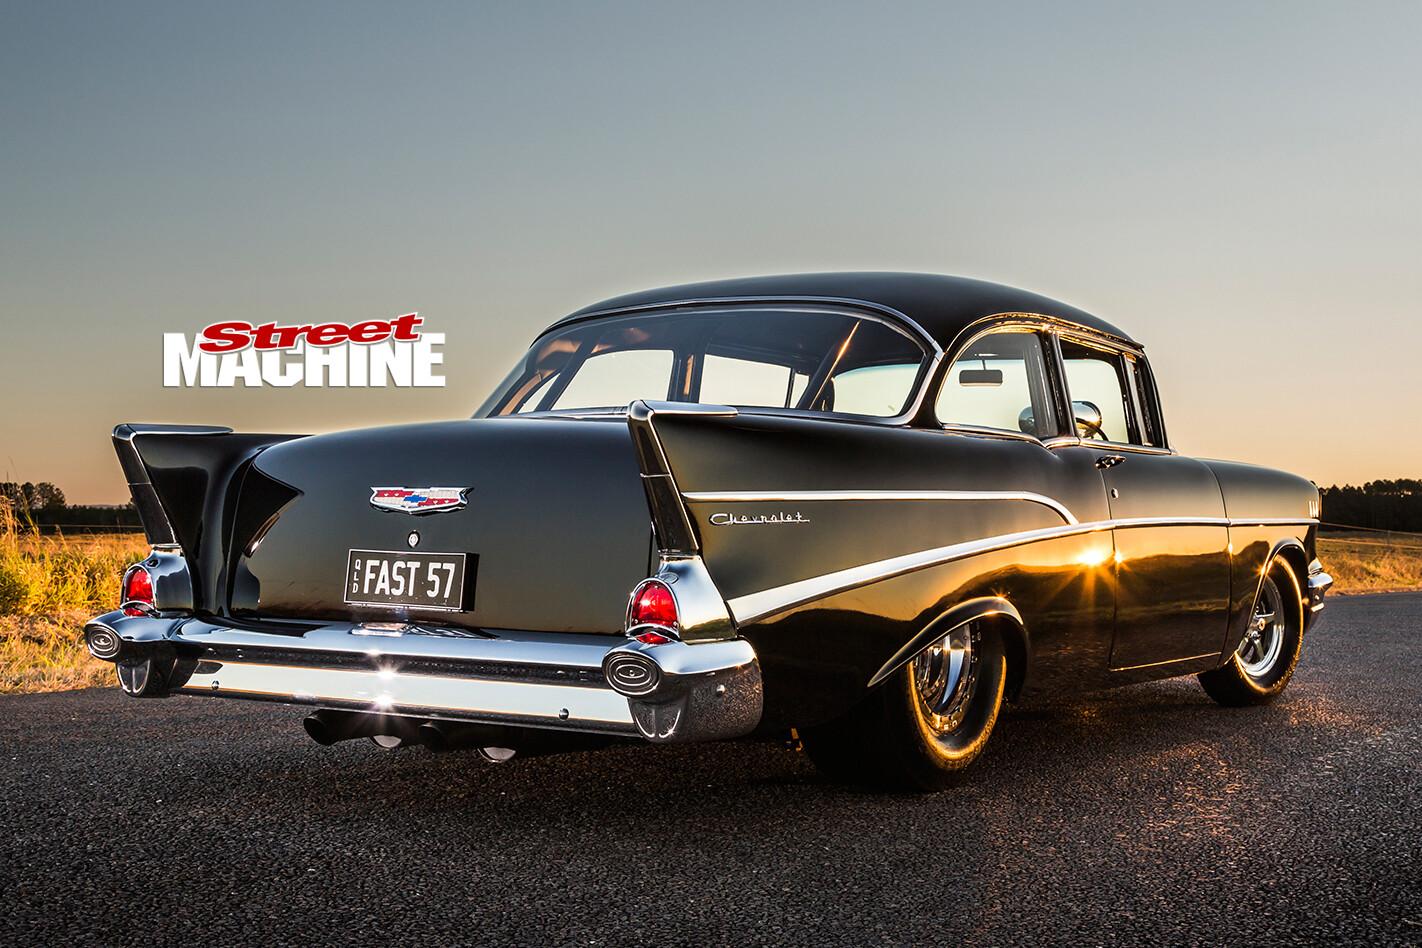 1957-Chevrolet -rear -side